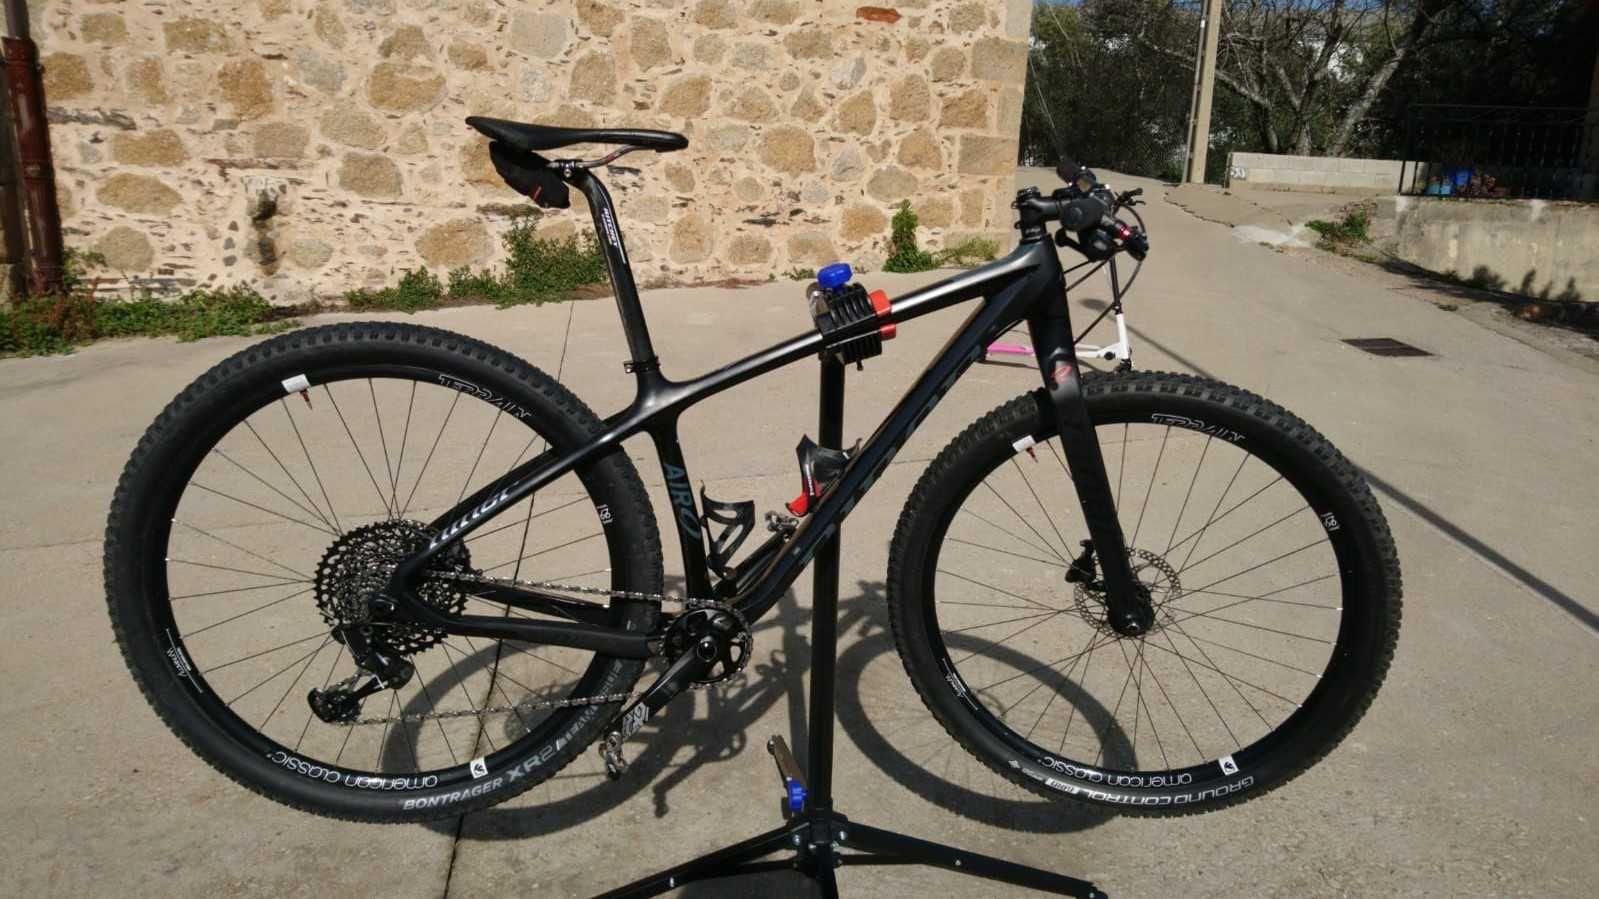 Bicicleta de montaña Niner Air 9 Rdo. Ref 45041. Talla M